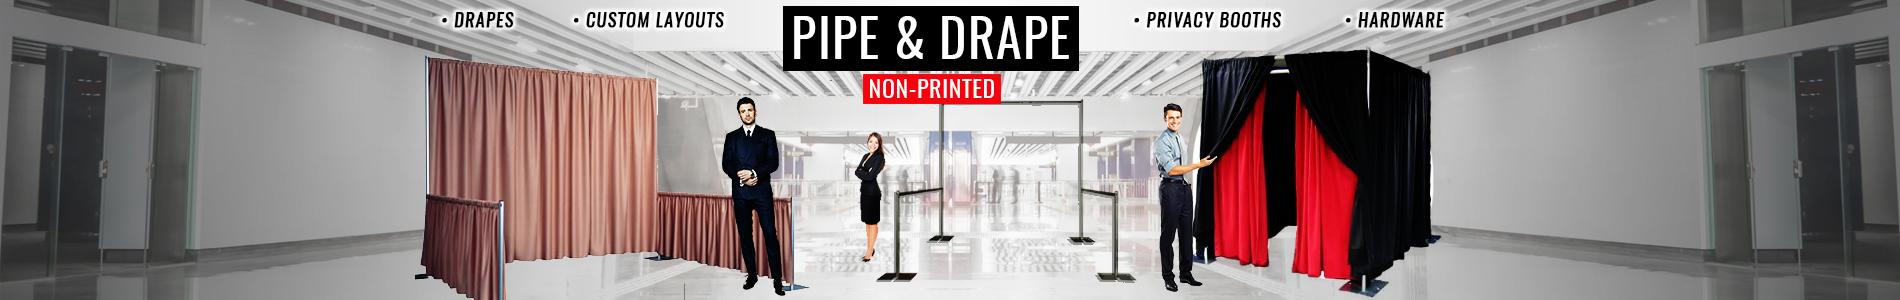 Pipe & Drape Non-Printed